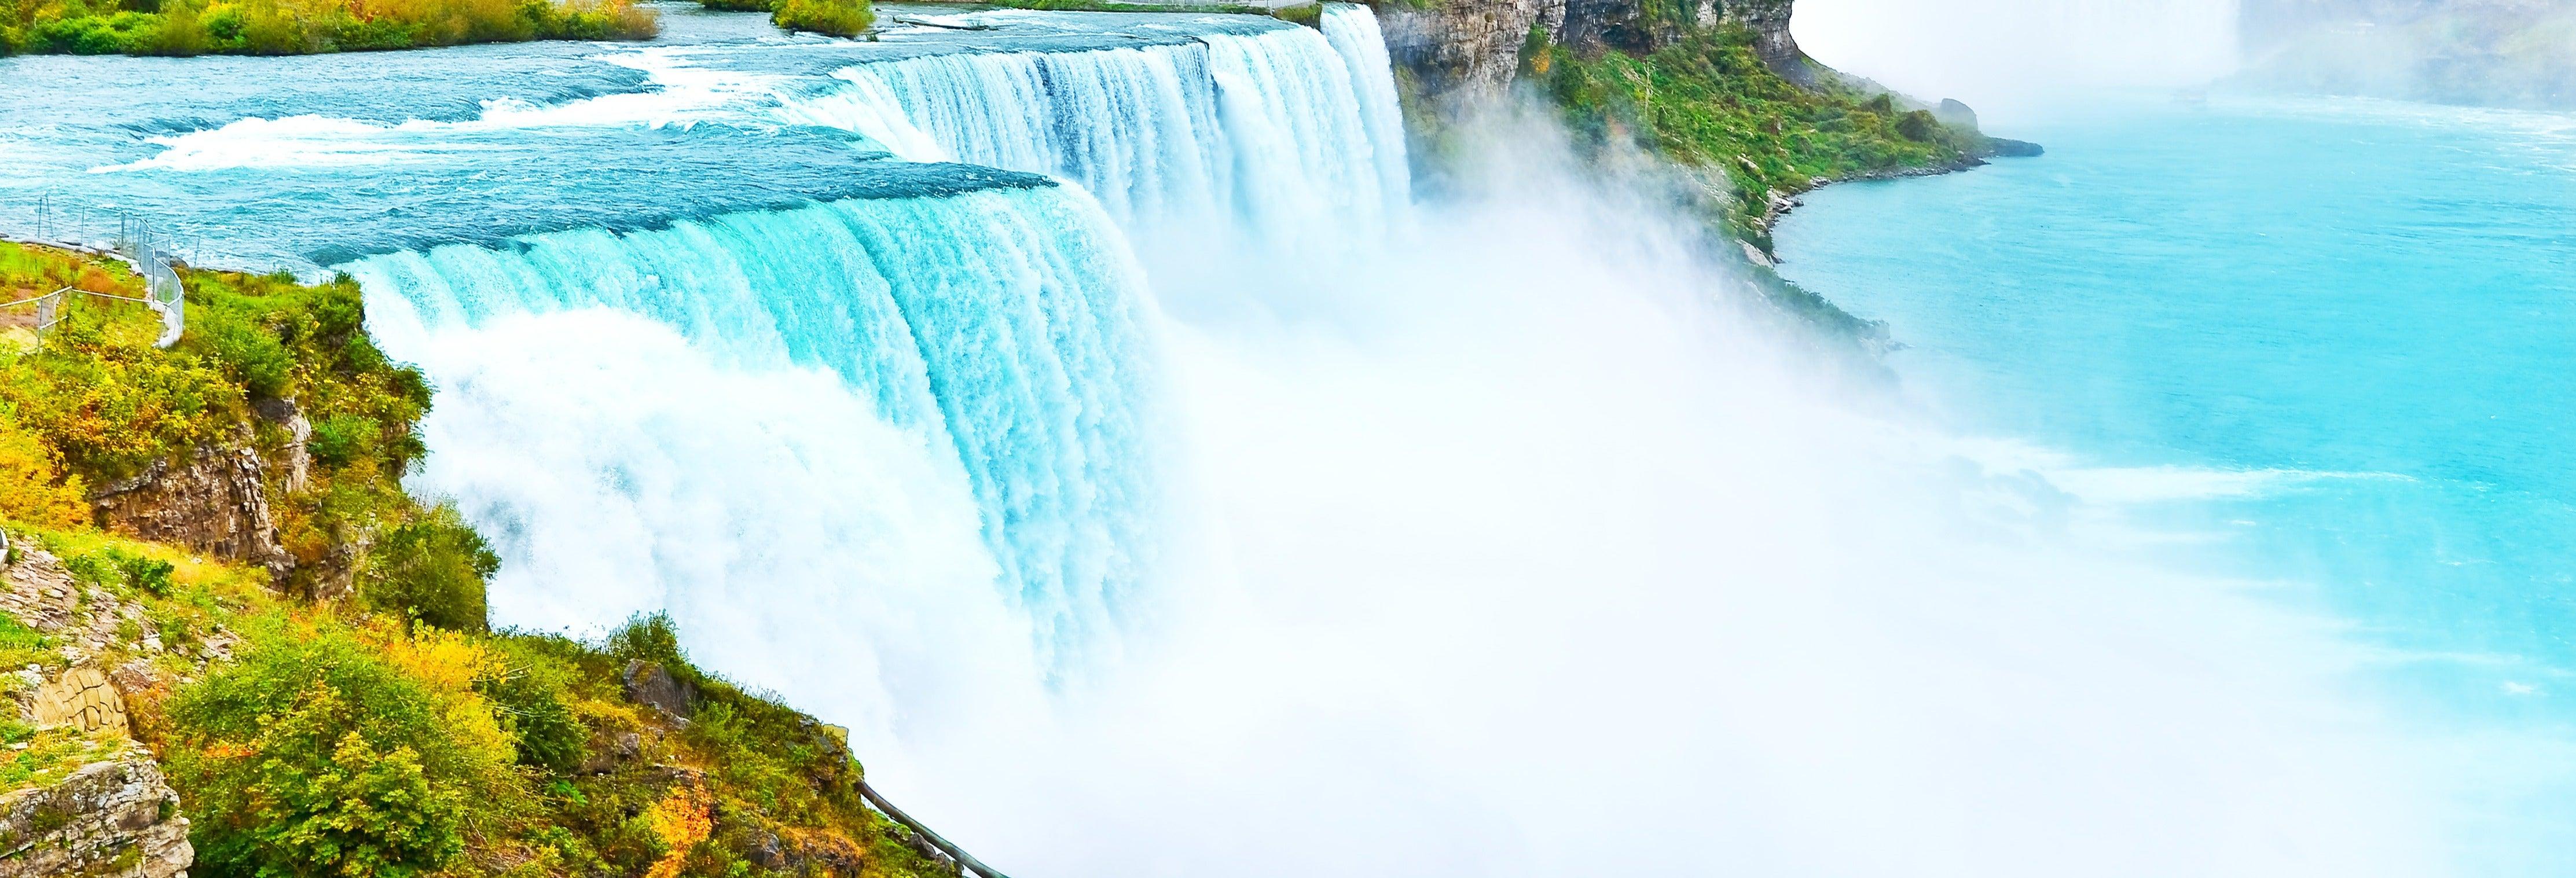 Visite complète des chutes du Niagara